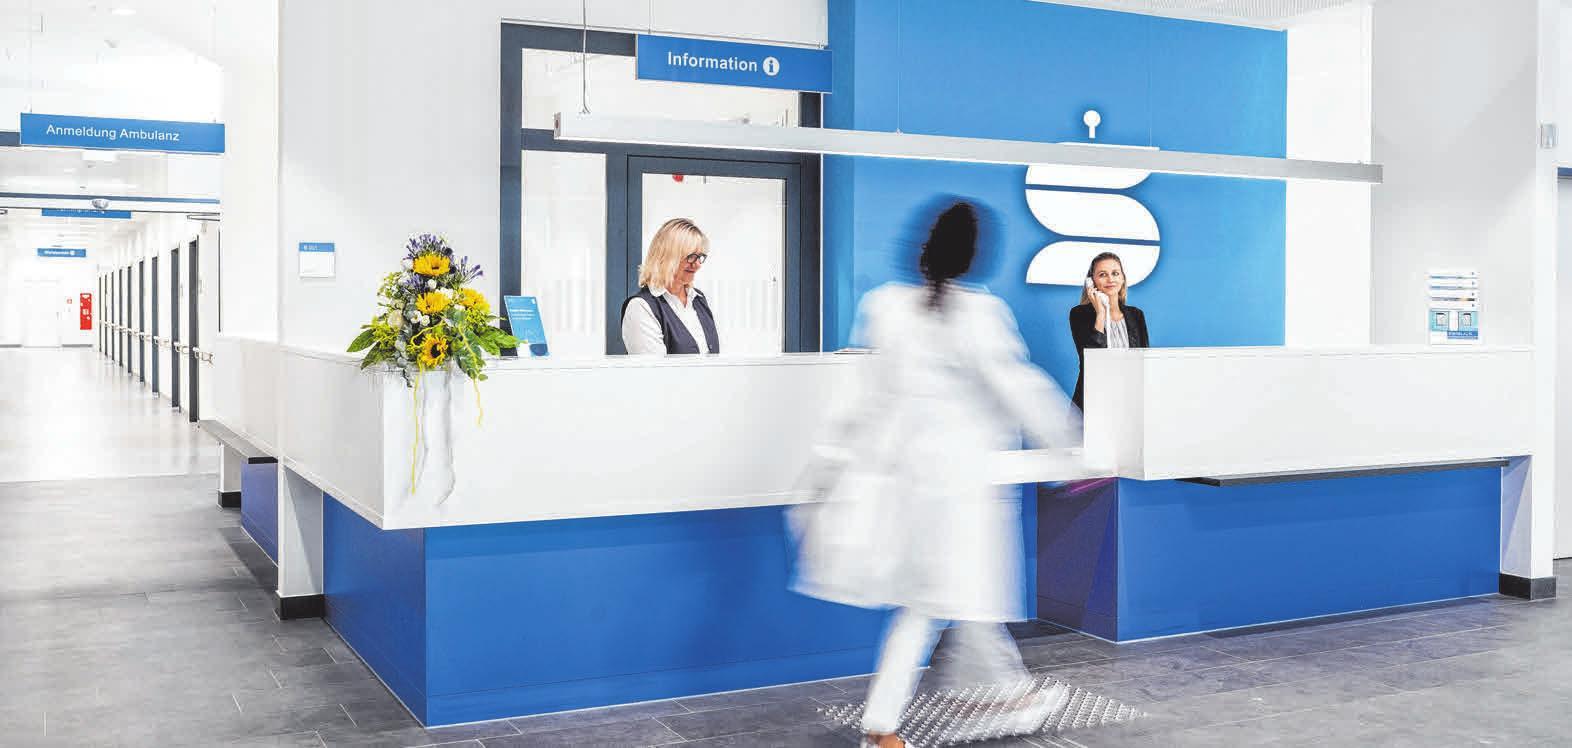 Der Gesundheitscampus mit dem neuen Sana Klinikum steht für eine gut abgestimmte, ganzheitliche stationäre und ambulante medizinische Versorgung.